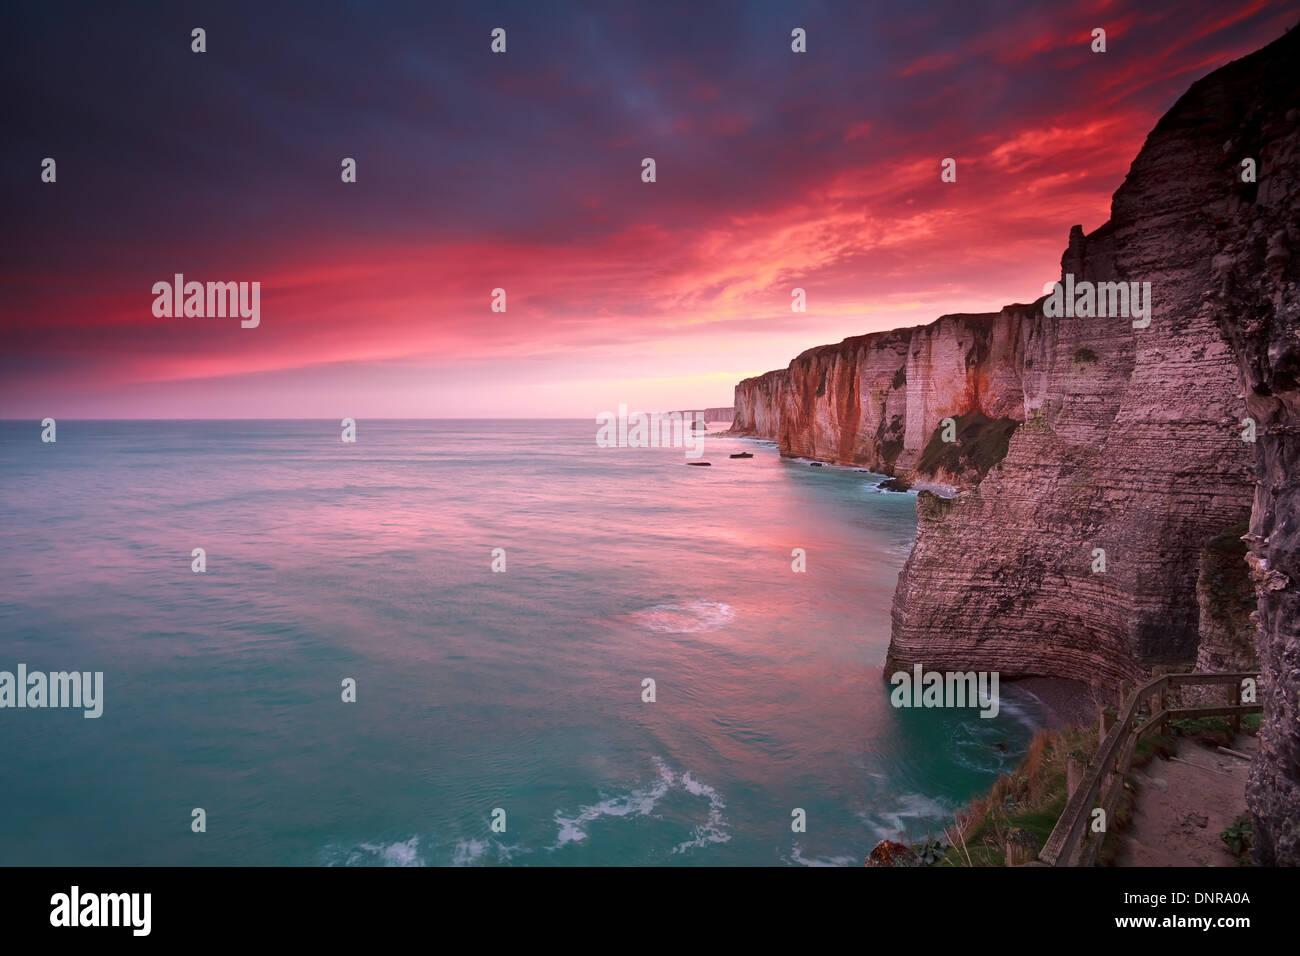 Lever de soleil sur l'océan spectaculaire et falaises, Etretat, France Photo Stock